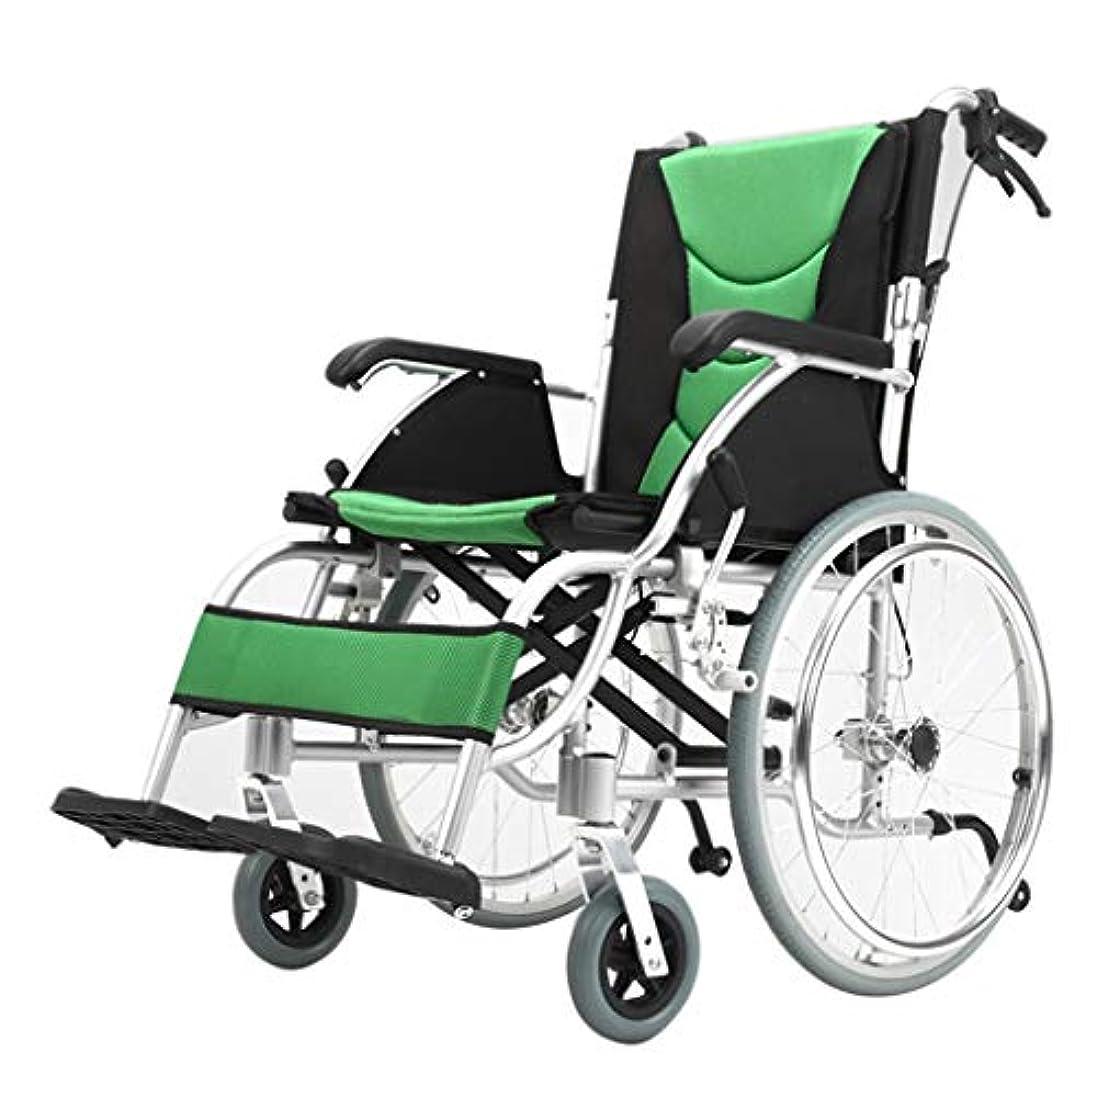 トレイル憂鬱画面車椅子折りたたみ軽量オールドカート、アルミ合金超軽量障害者旅行オールドスクーター、折りたたみ式背もたれ